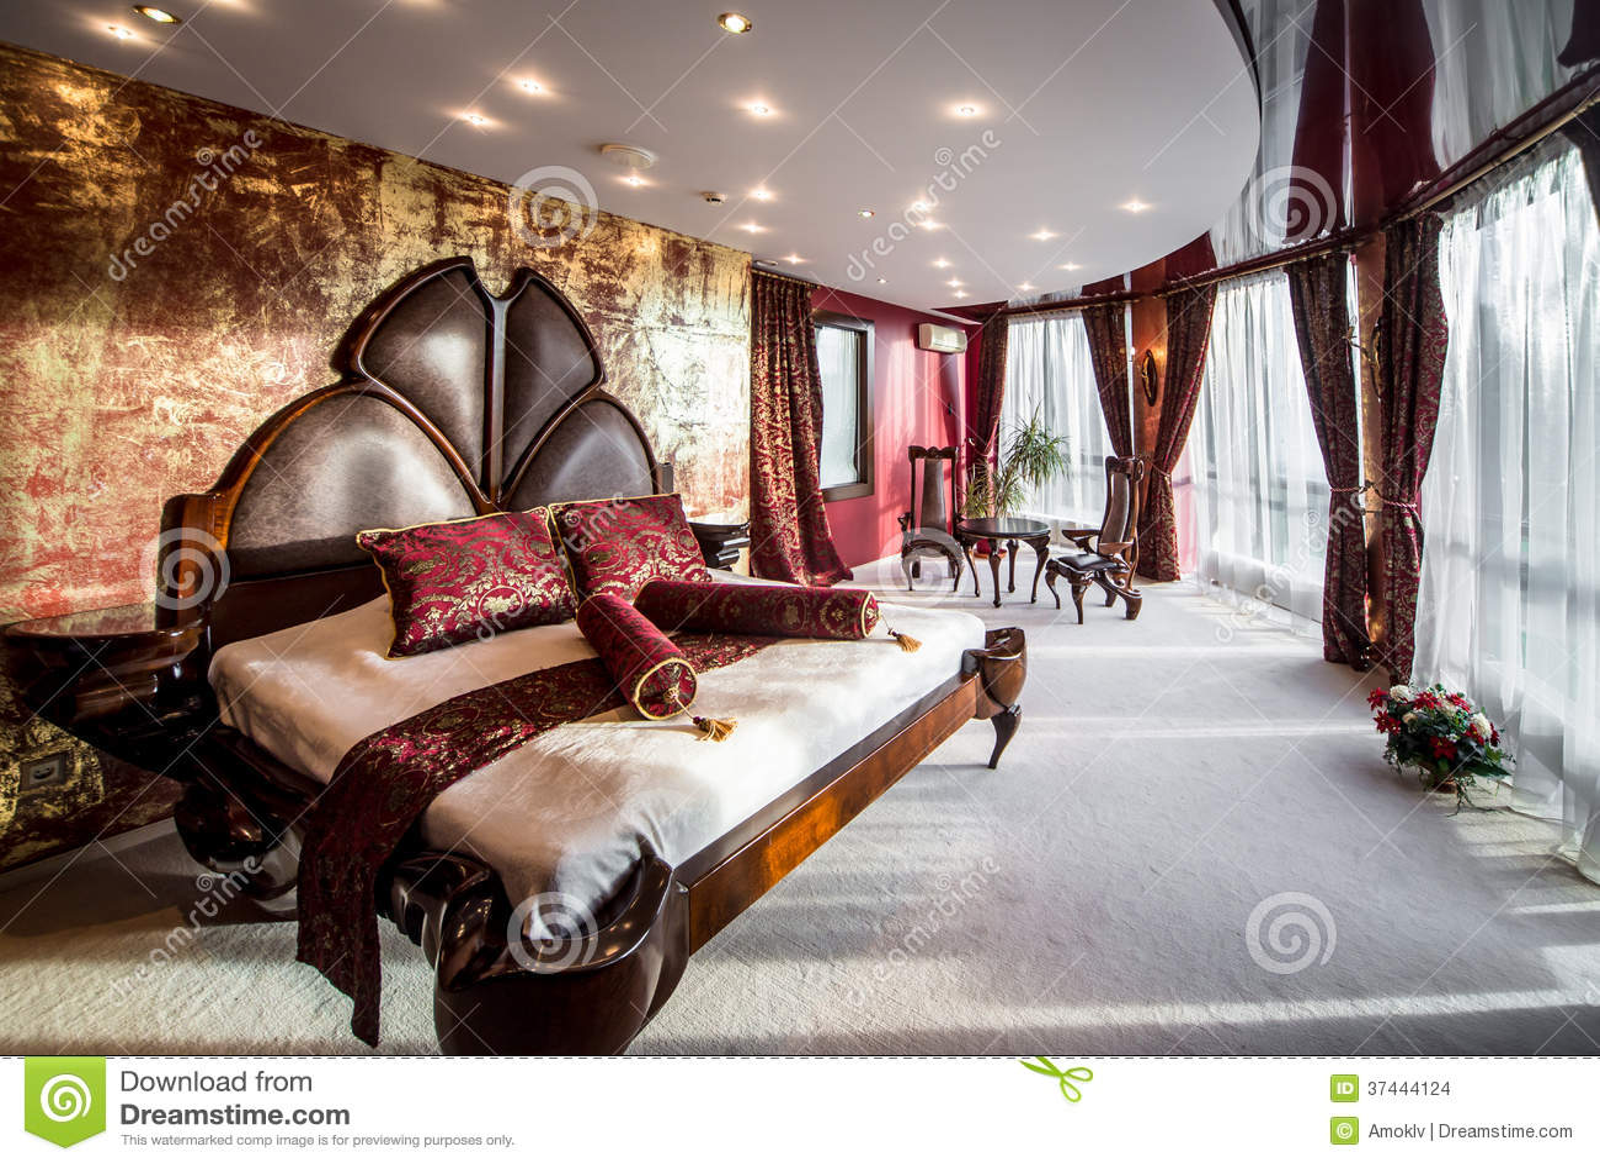 Int rieur de luxe de chambre coucher images stock for Chambre a coucher de luxe